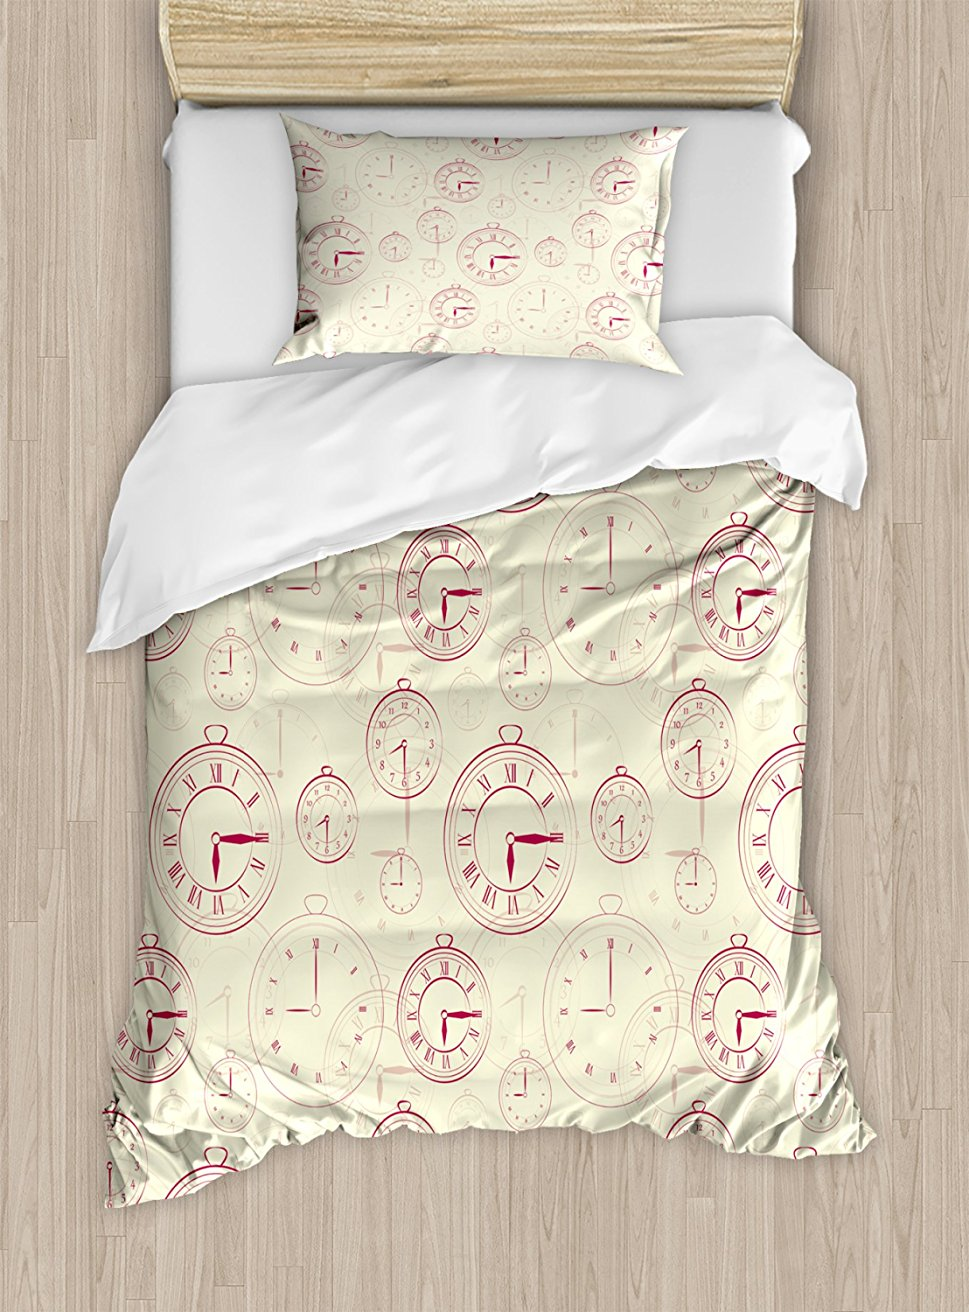 Часы постельное белье Винтажные часы с римские цифры антикварная машина времени узор иллюстрация 4 шт. Постельное белье